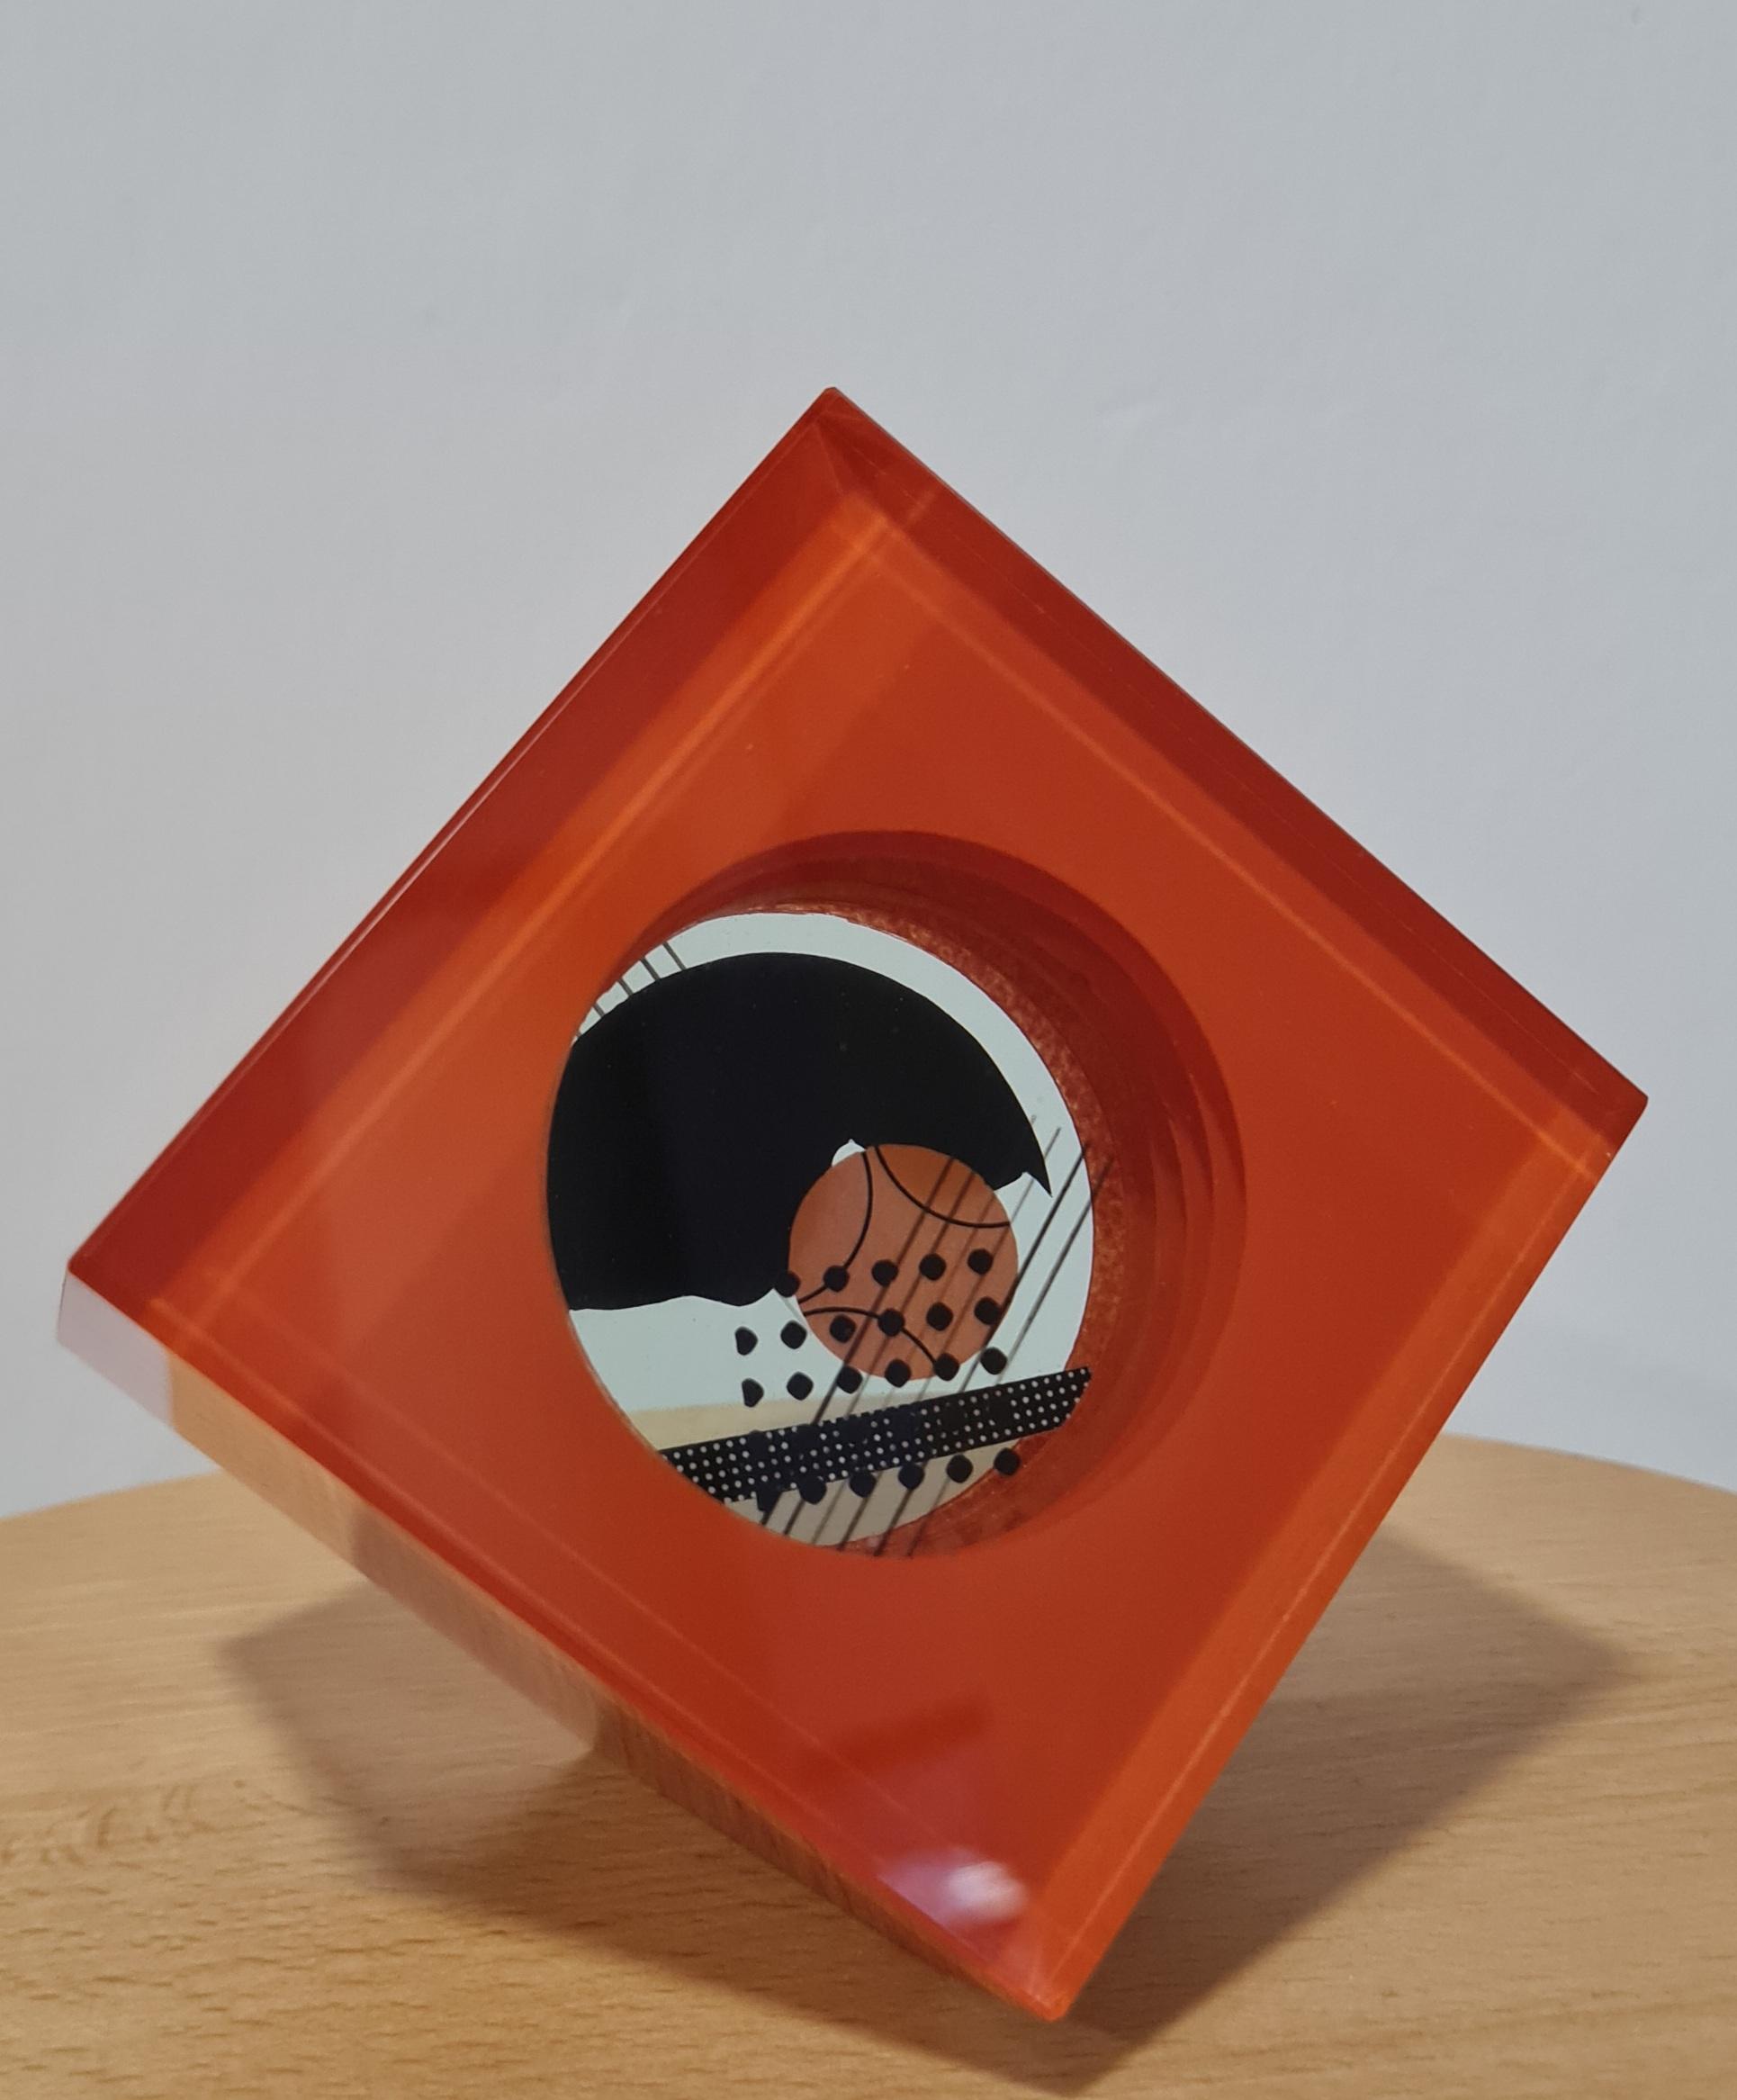 skleněný objekt, rozměr 8x8, rok 2012